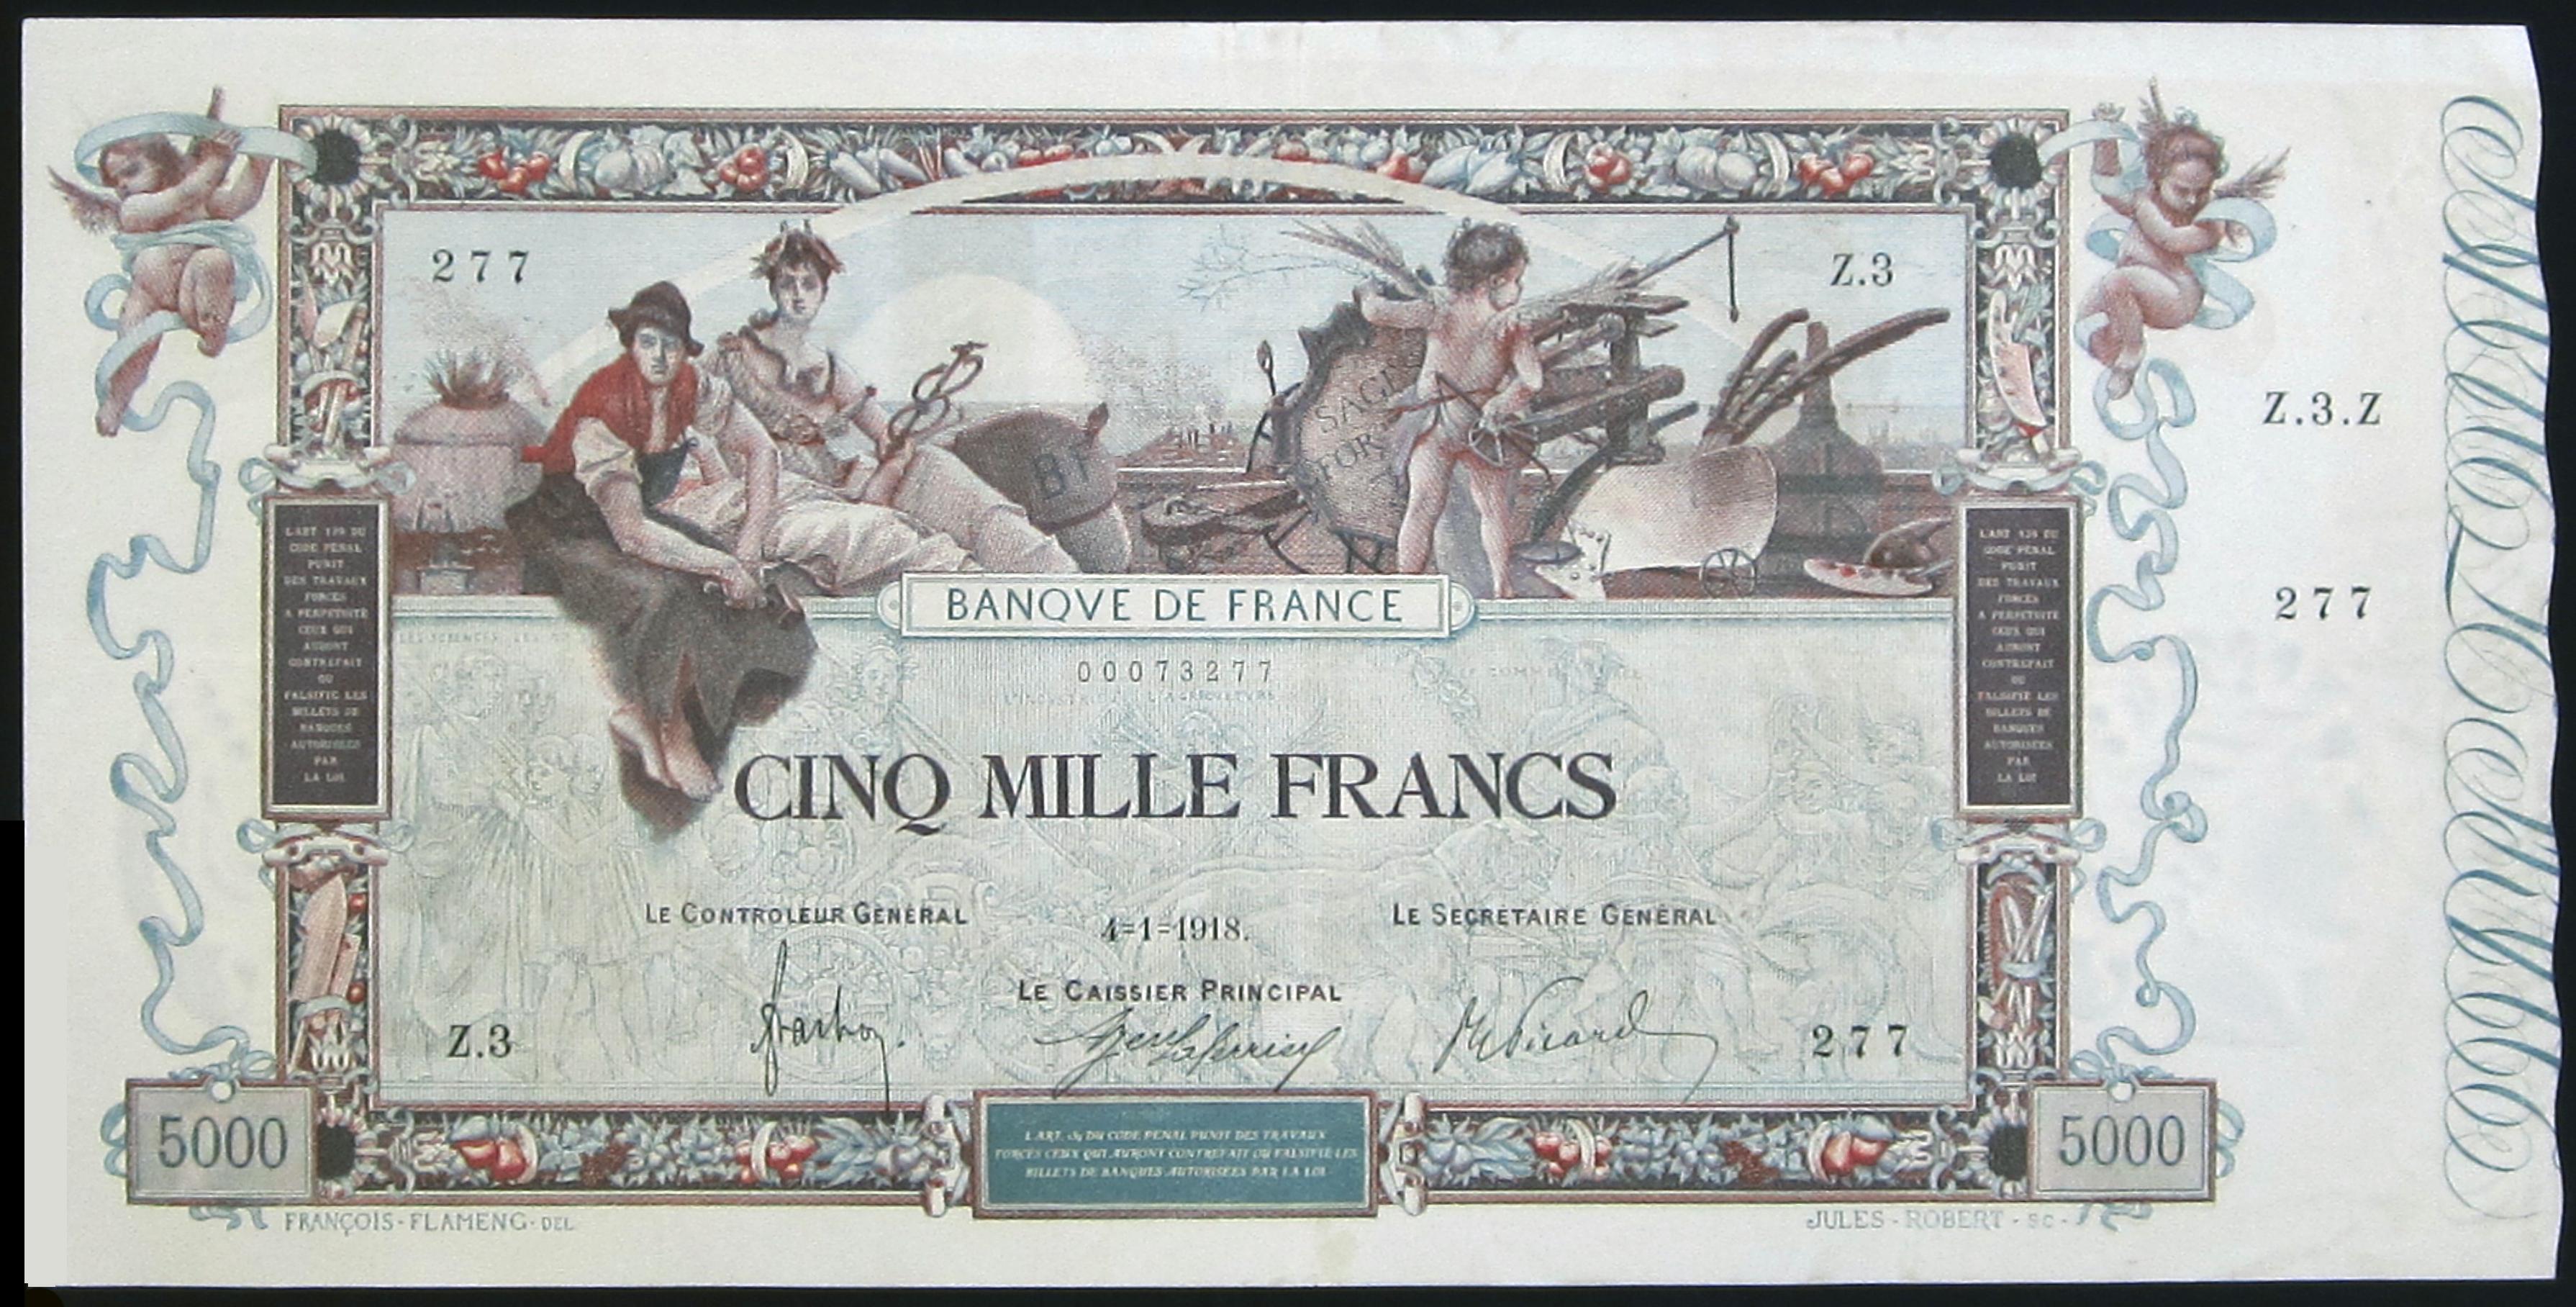 billet-france-5000-francflameng